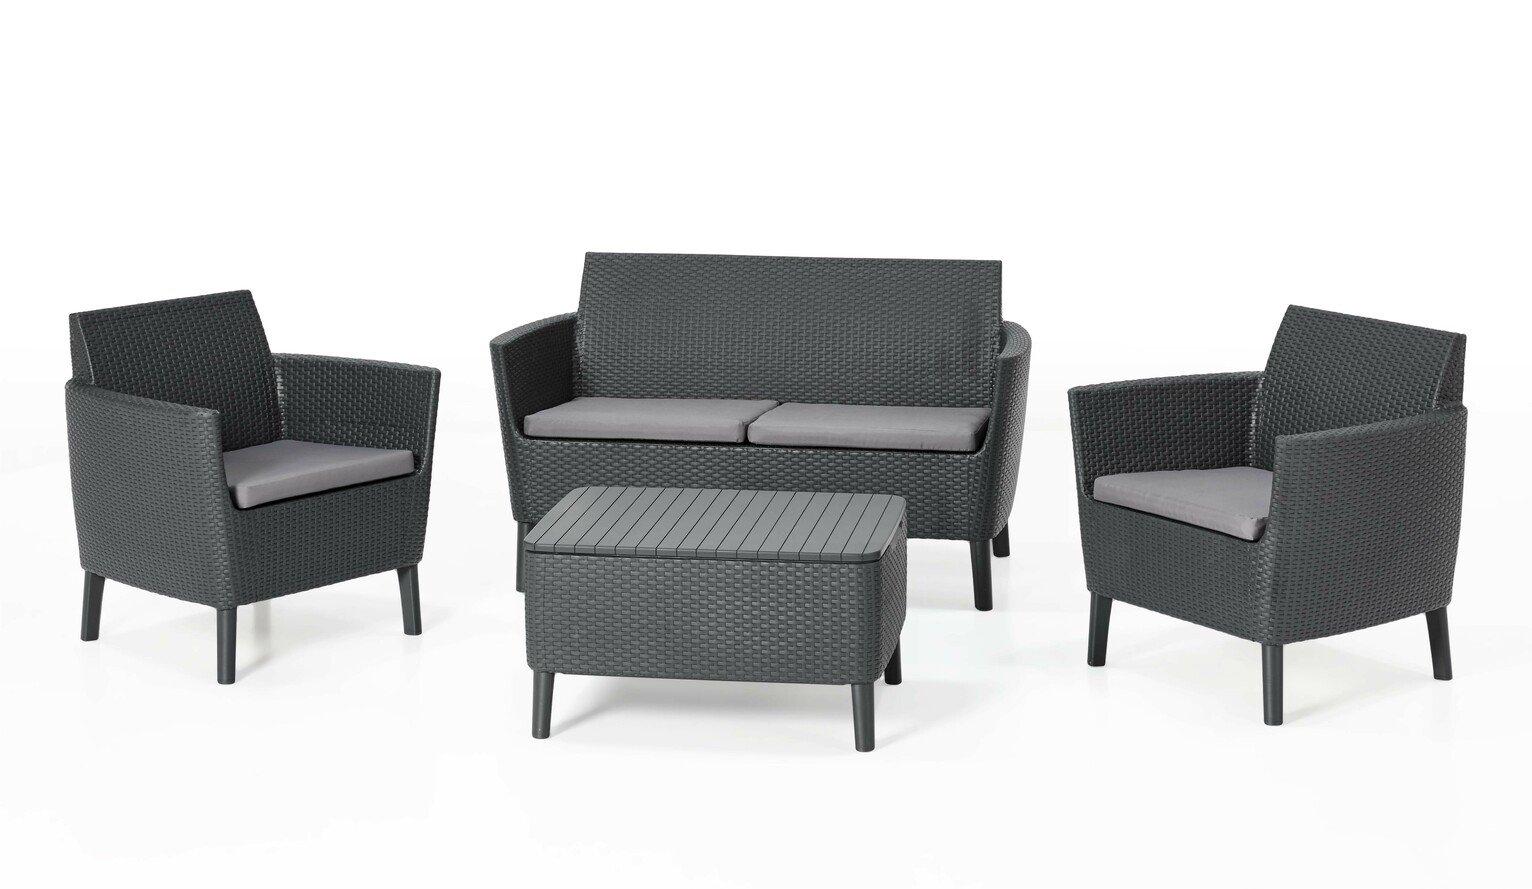 Keter Salemo 4 Seater Rattan Effect Sofa Set - Grey